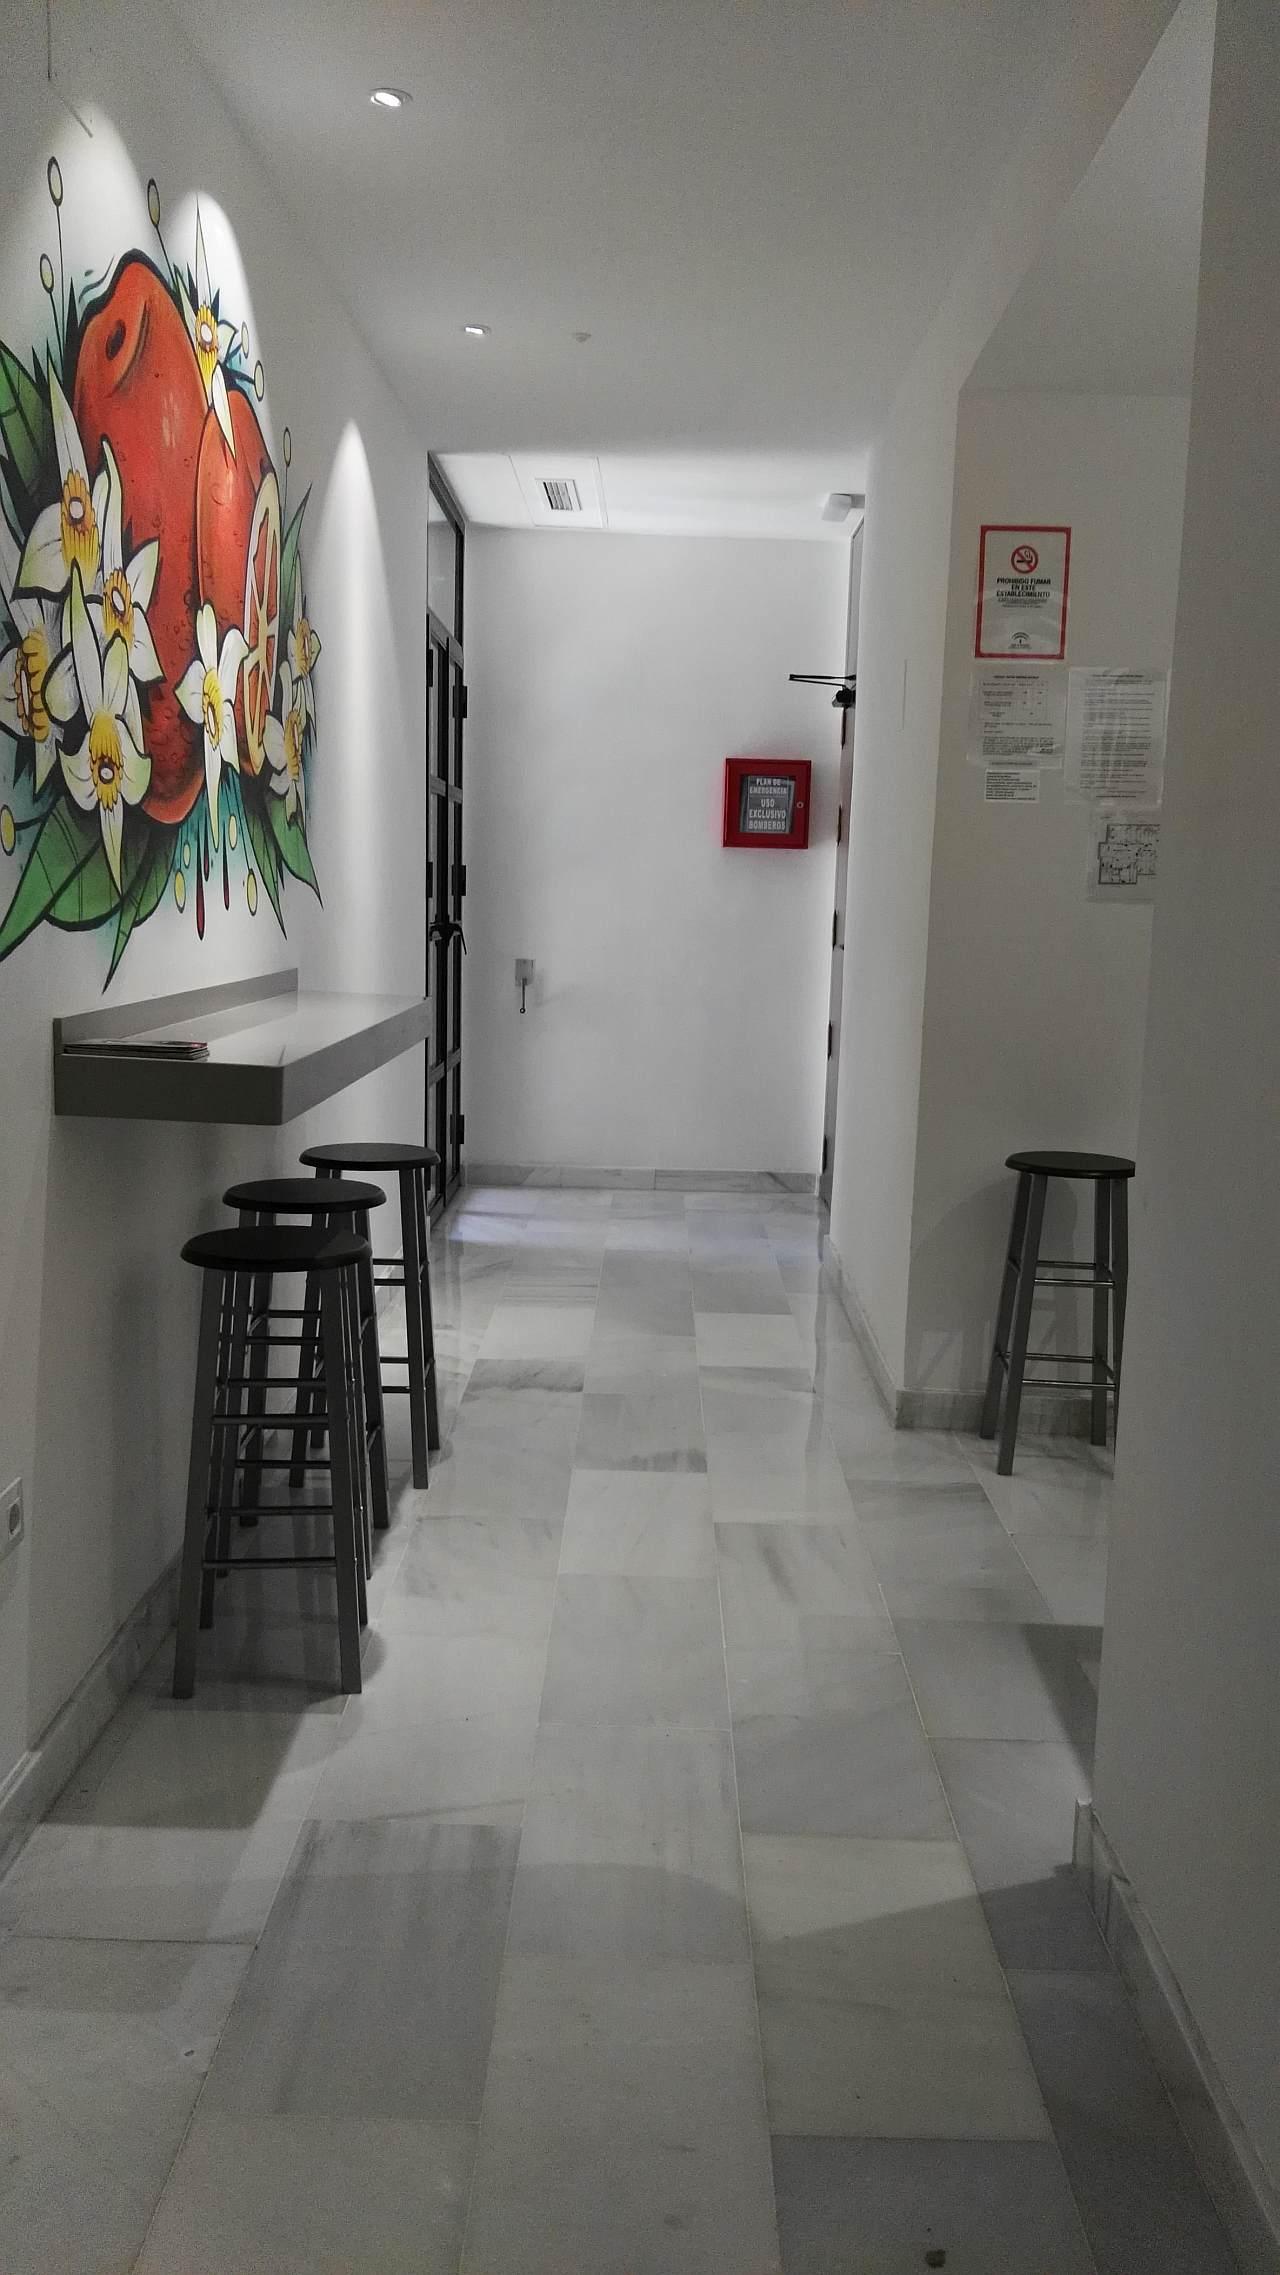 hostel central sevilla fotos